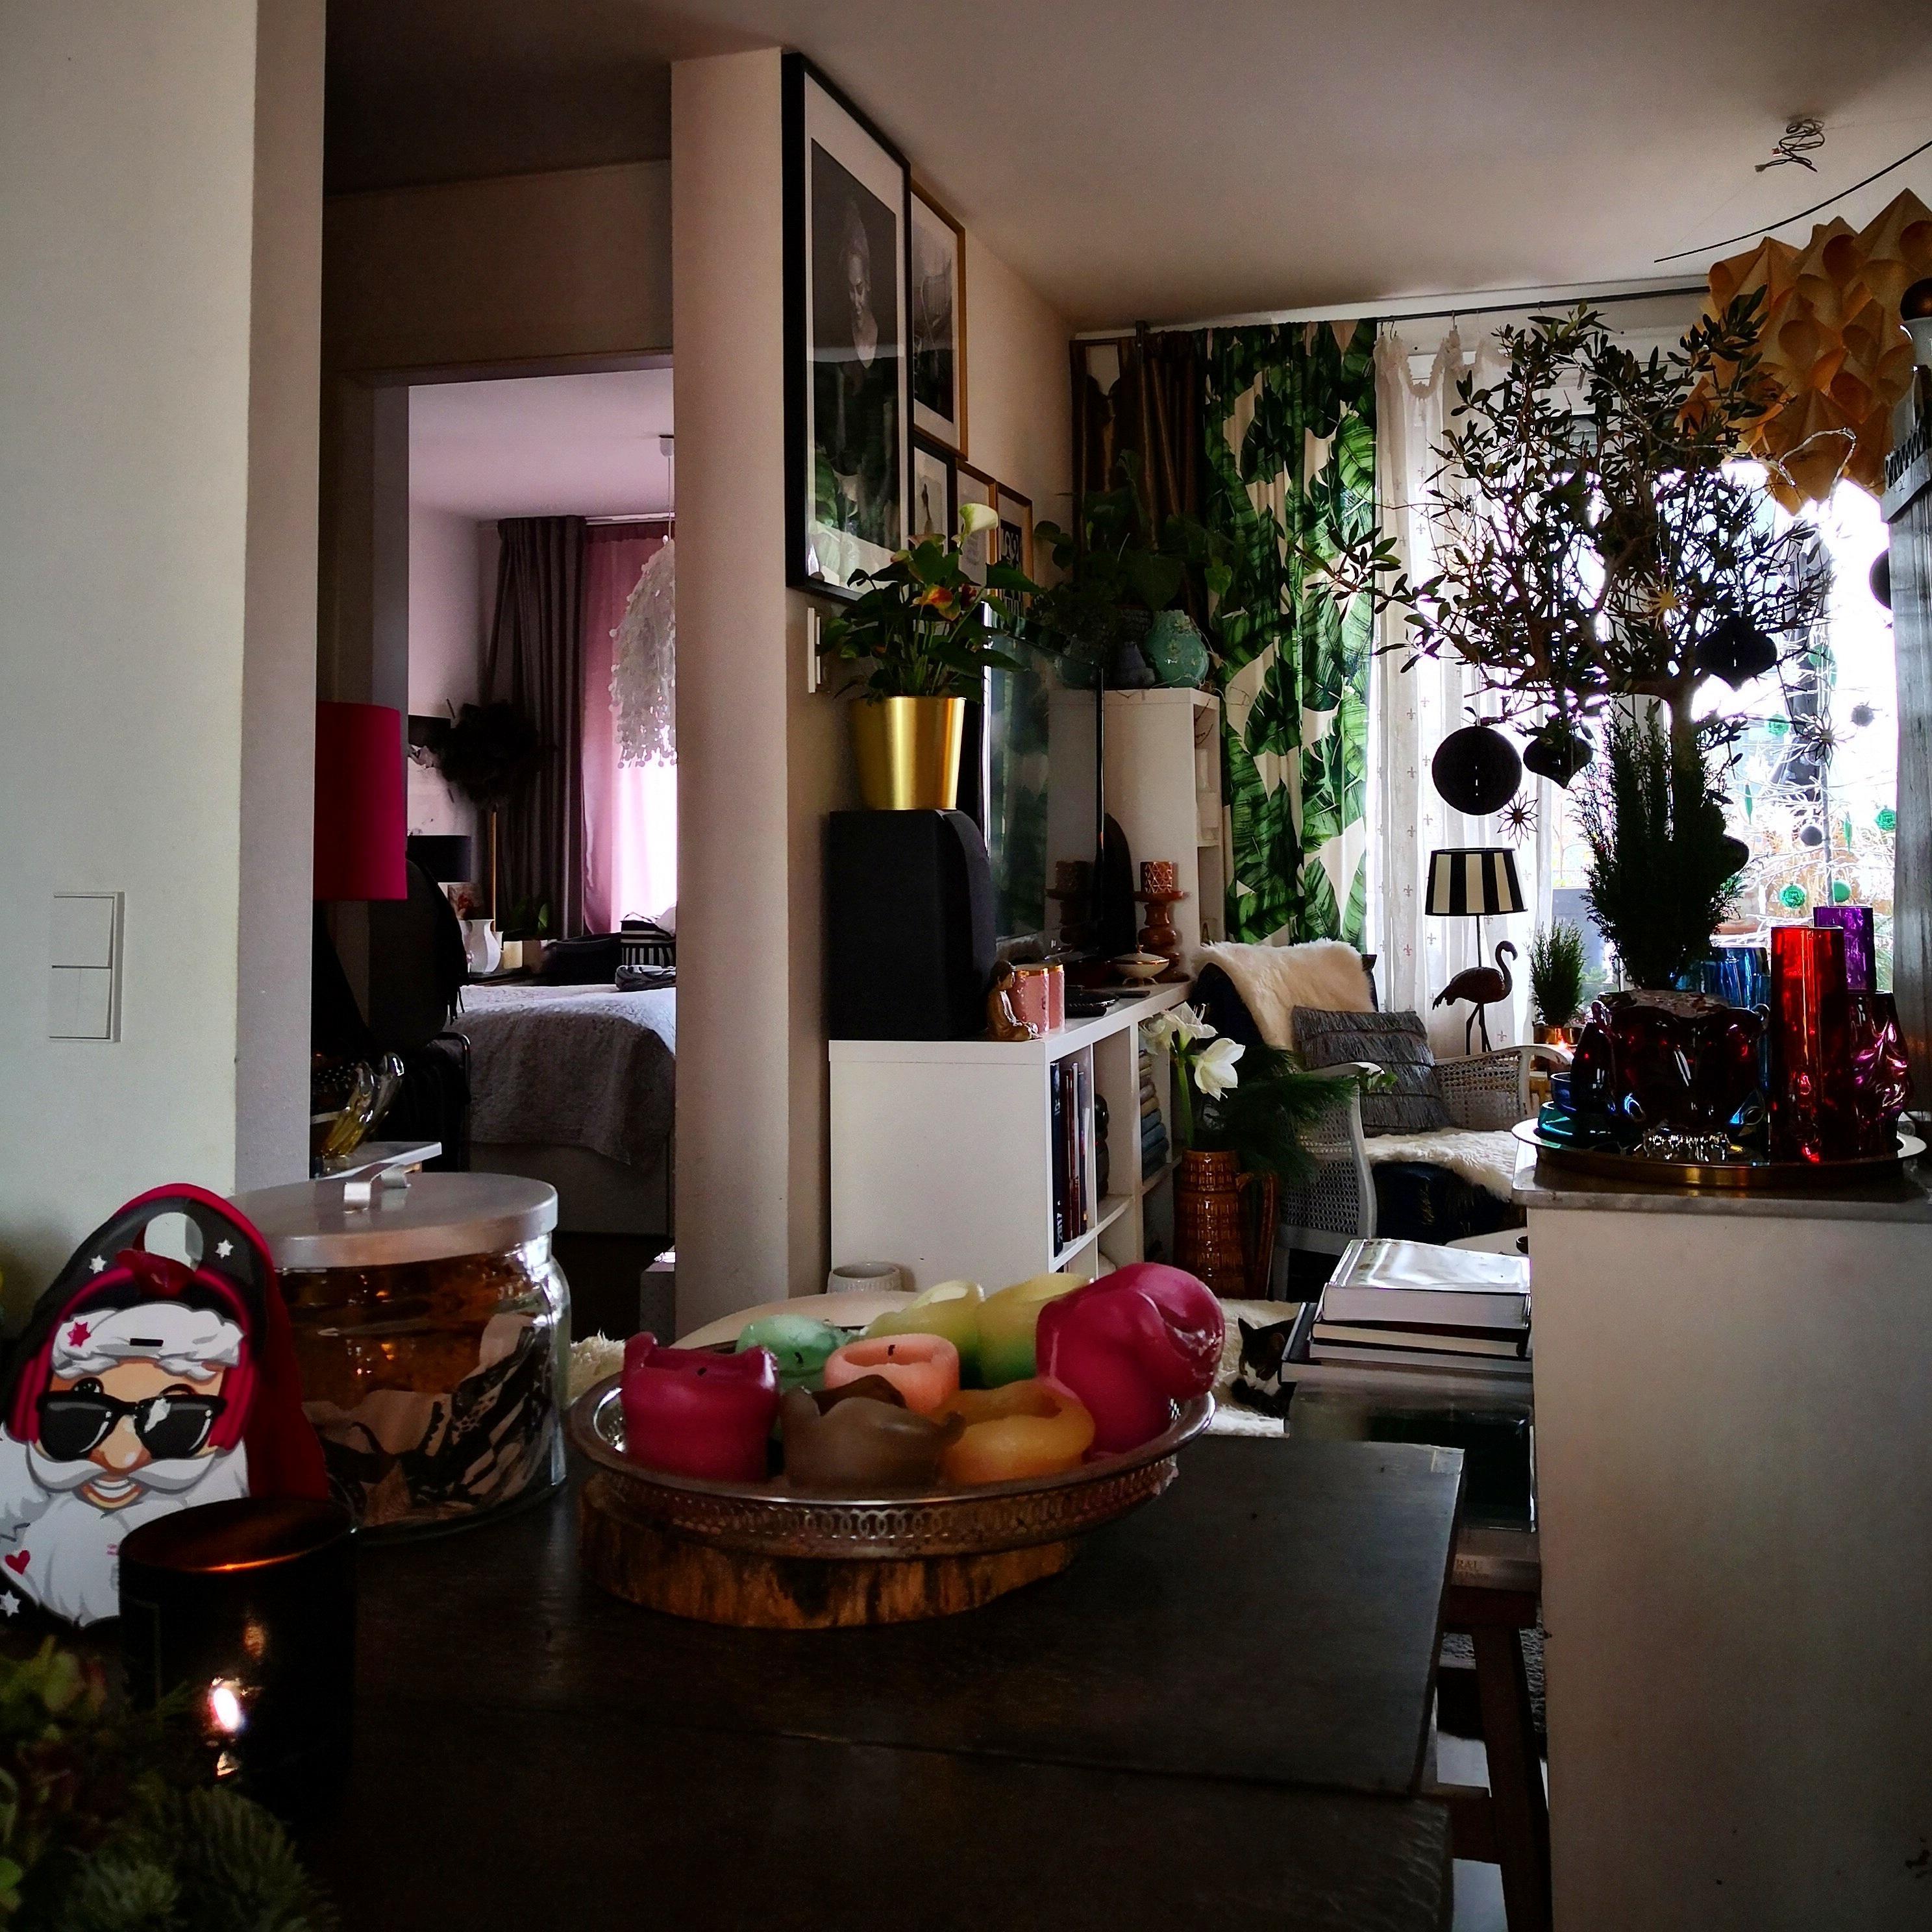 Küche - Wohnzimmer - Schlafzimmer #home #vintagestyl...